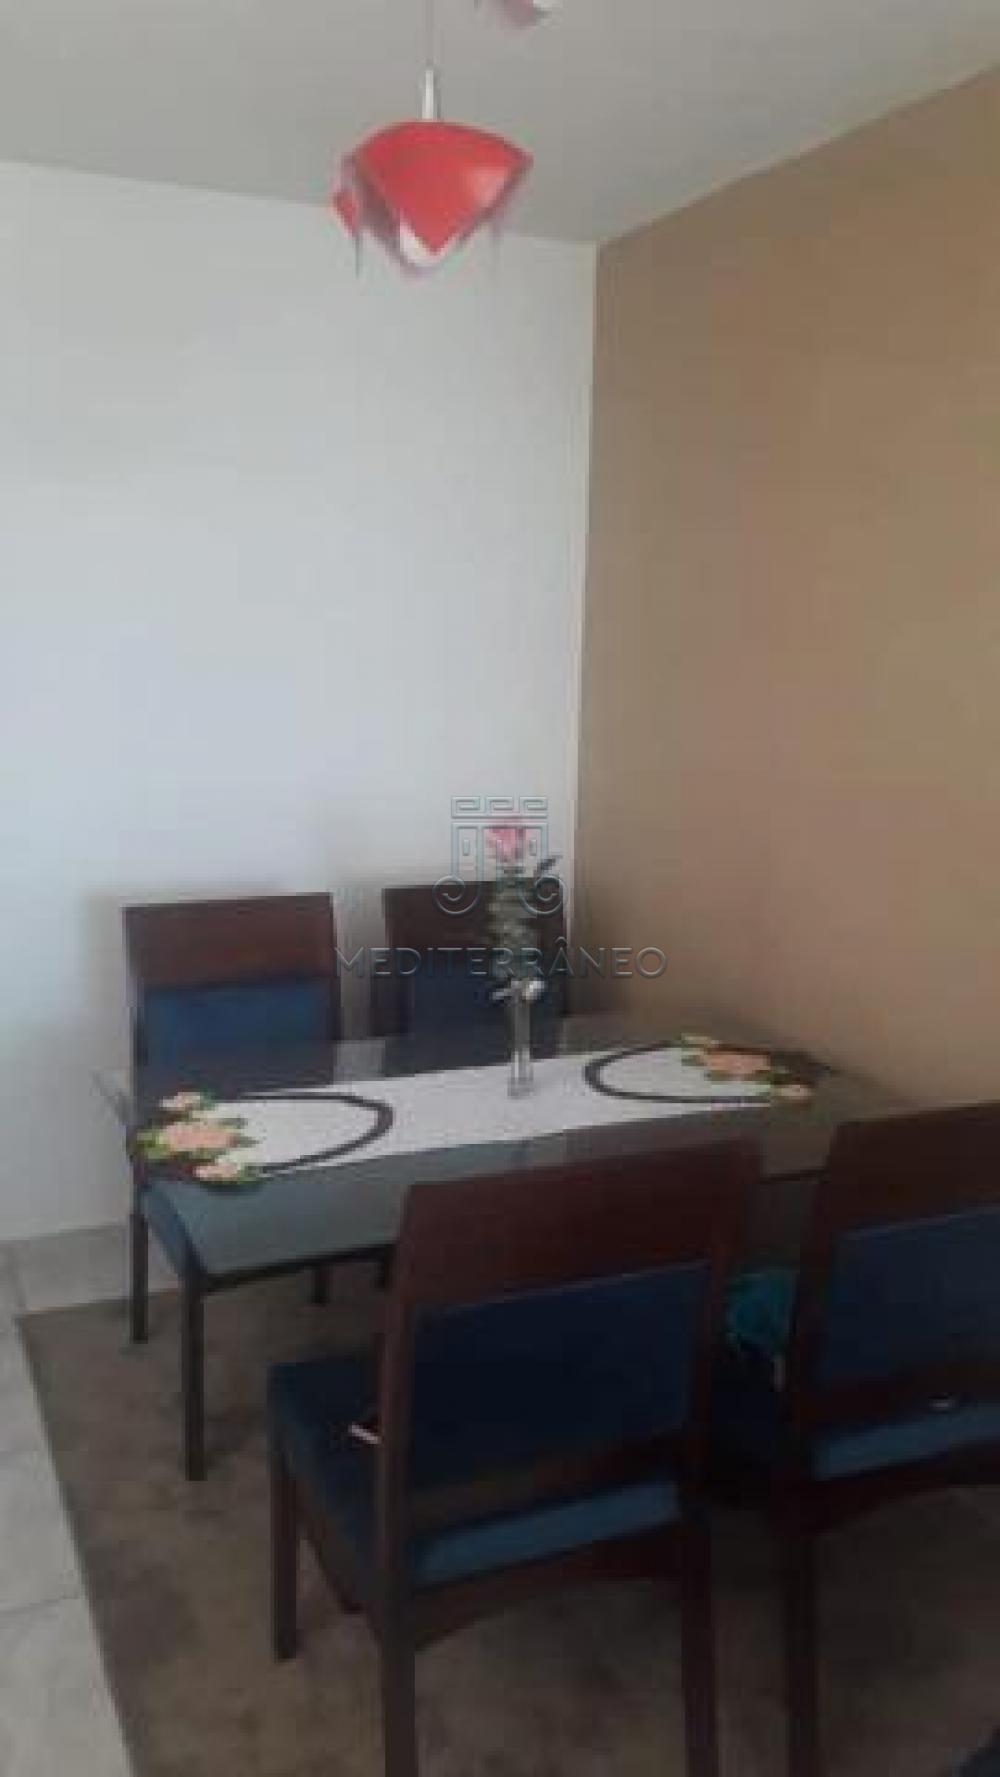 Alugar Apartamento / Padrão em Campo Limpo Paulista apenas R$ 900,00 - Foto 2